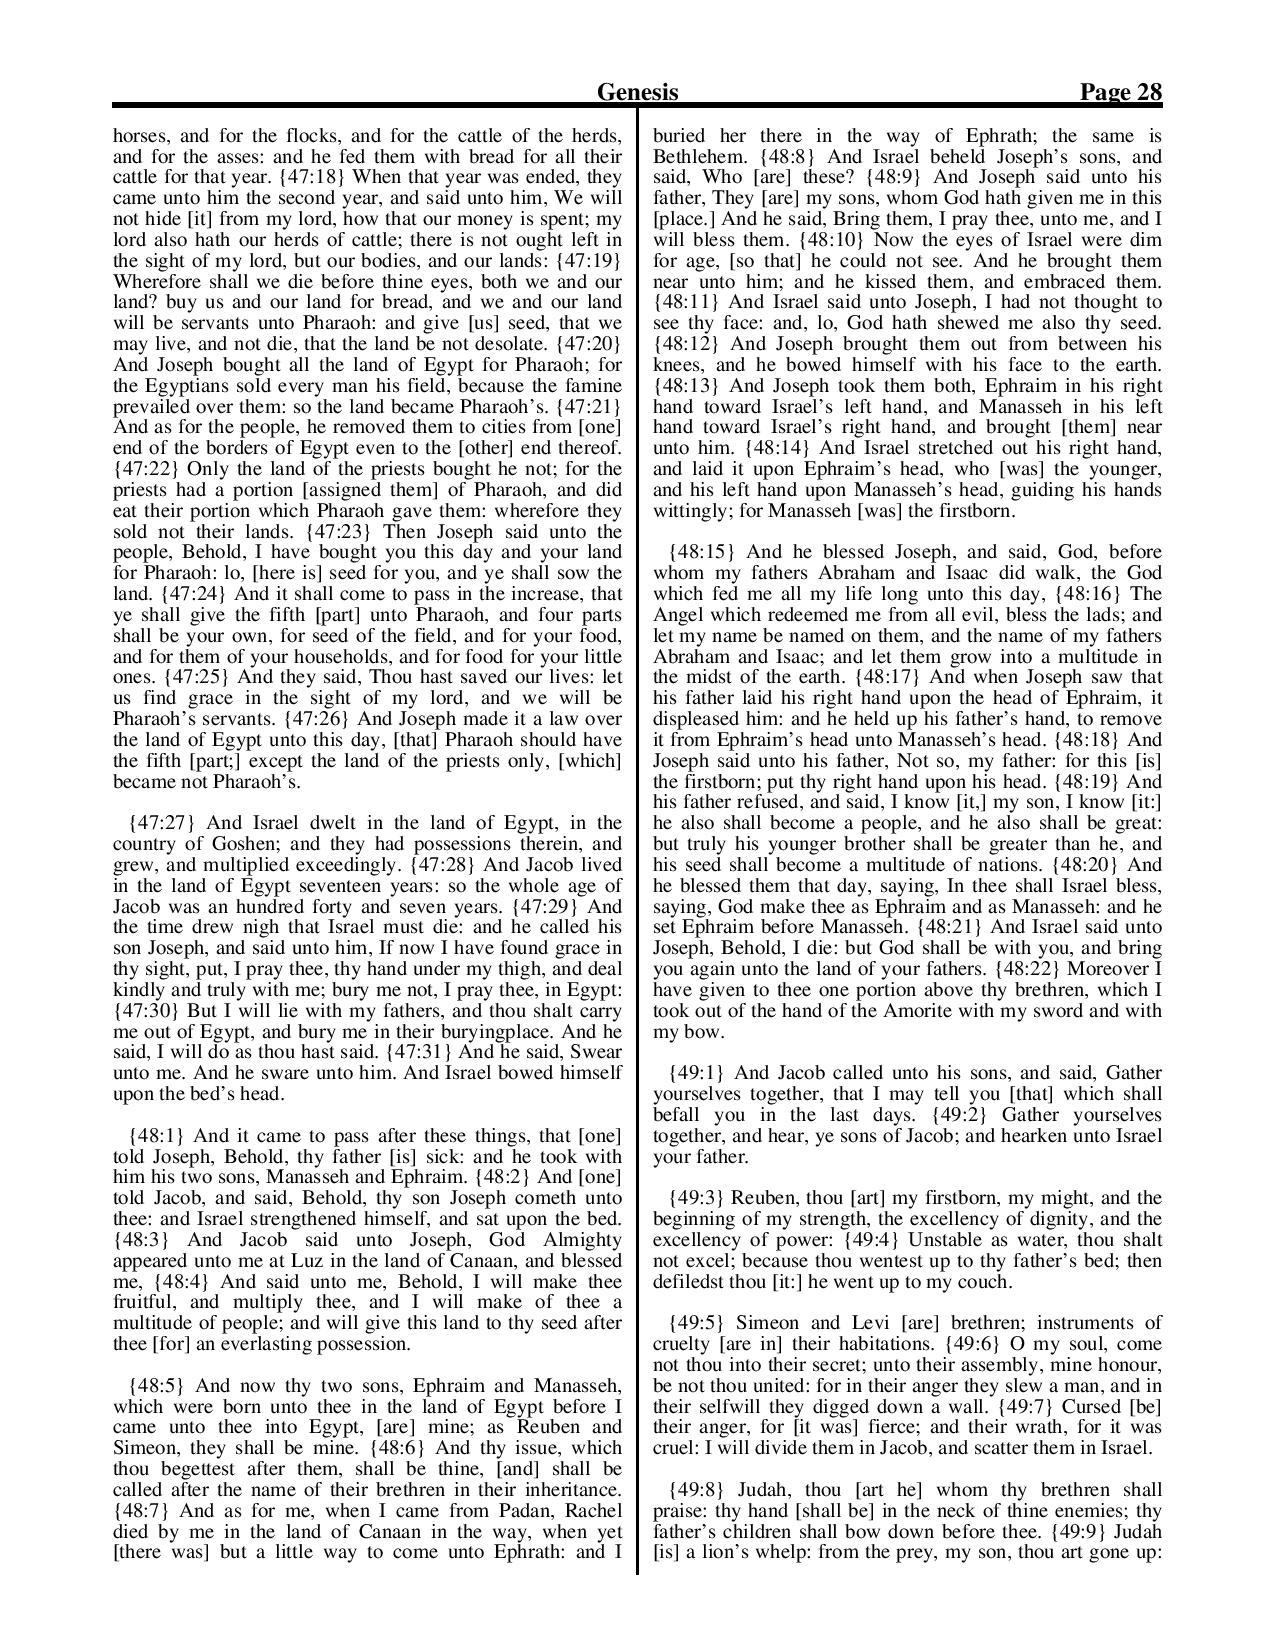 King-James-Bible-KJV-Bible-PDF-page-049